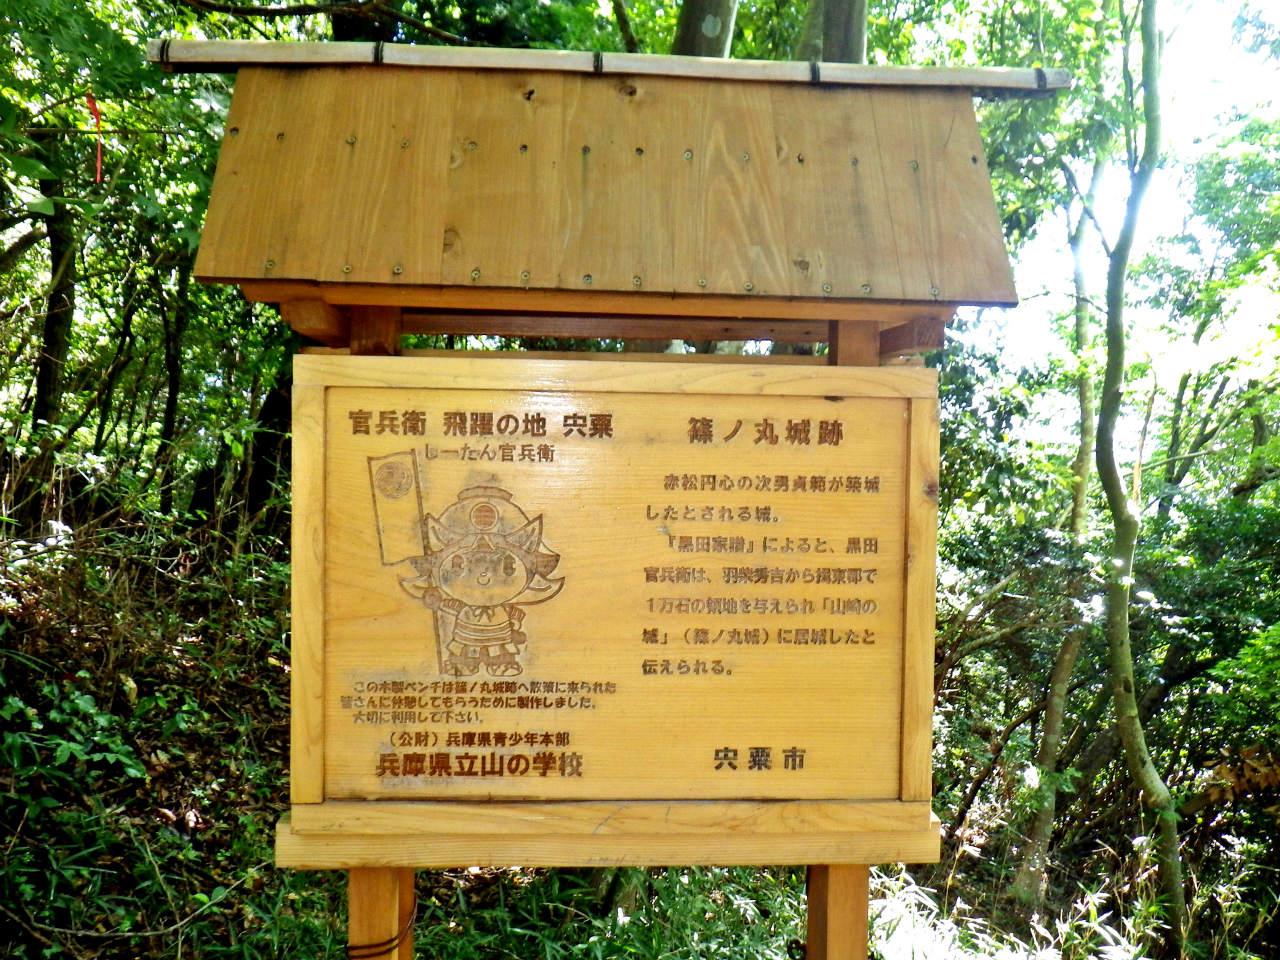 15b 官兵衛飛躍の地の説明板